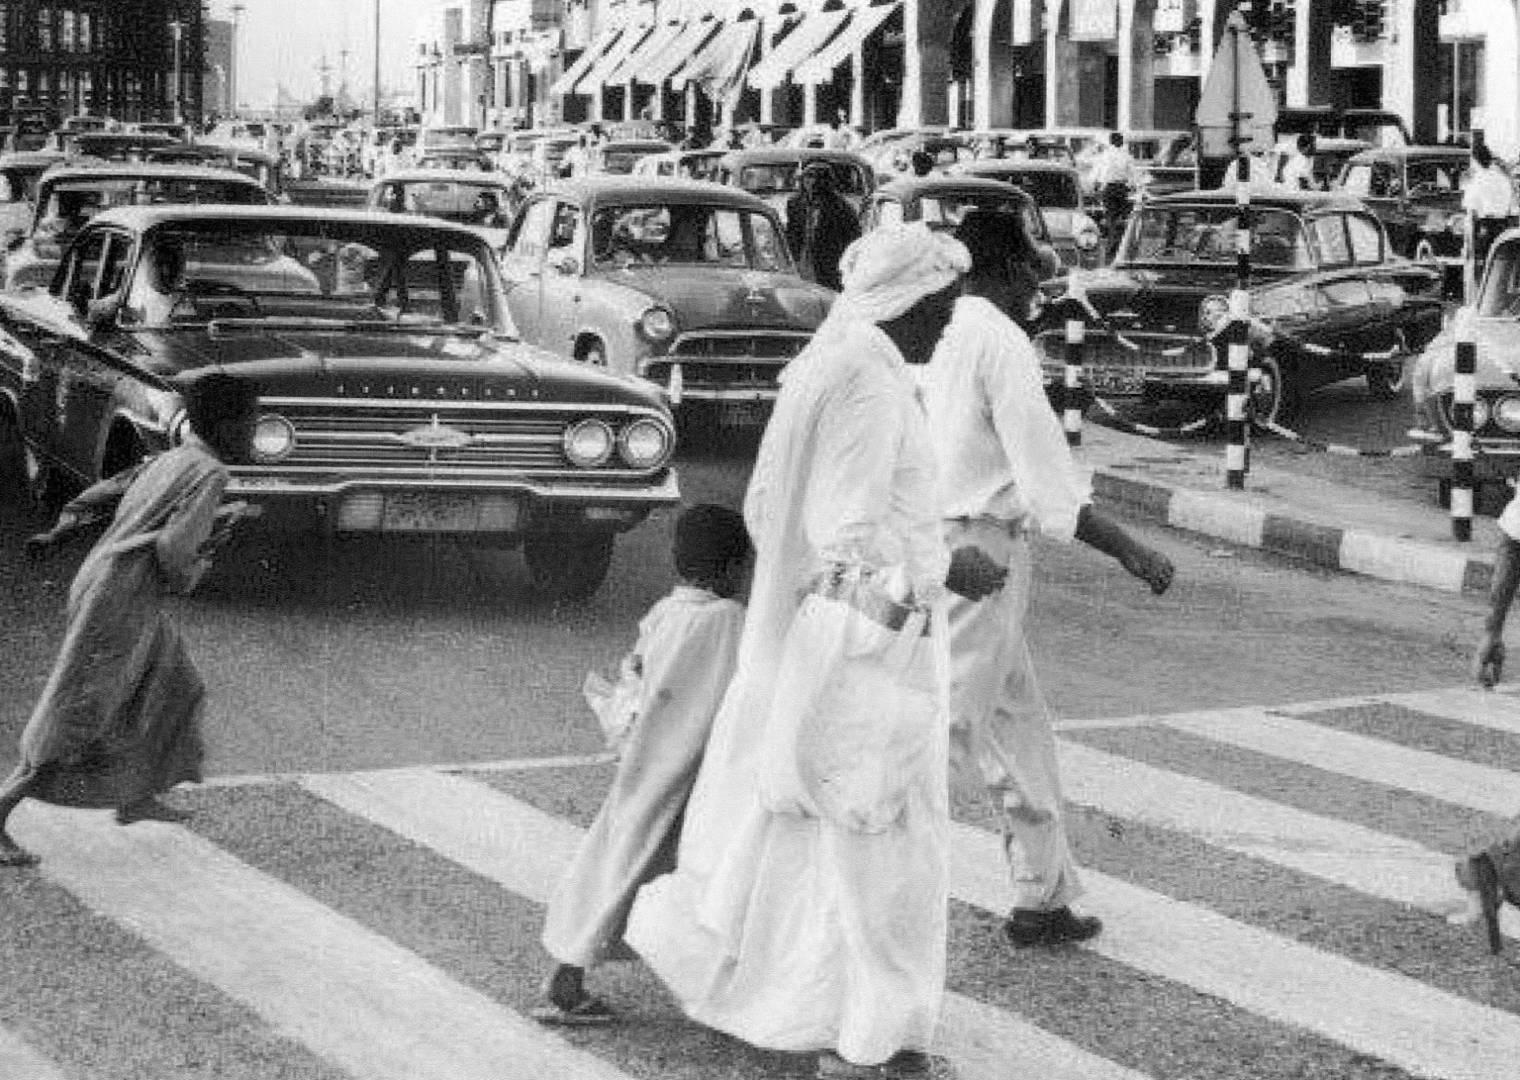 شوارع الكويت القديمة